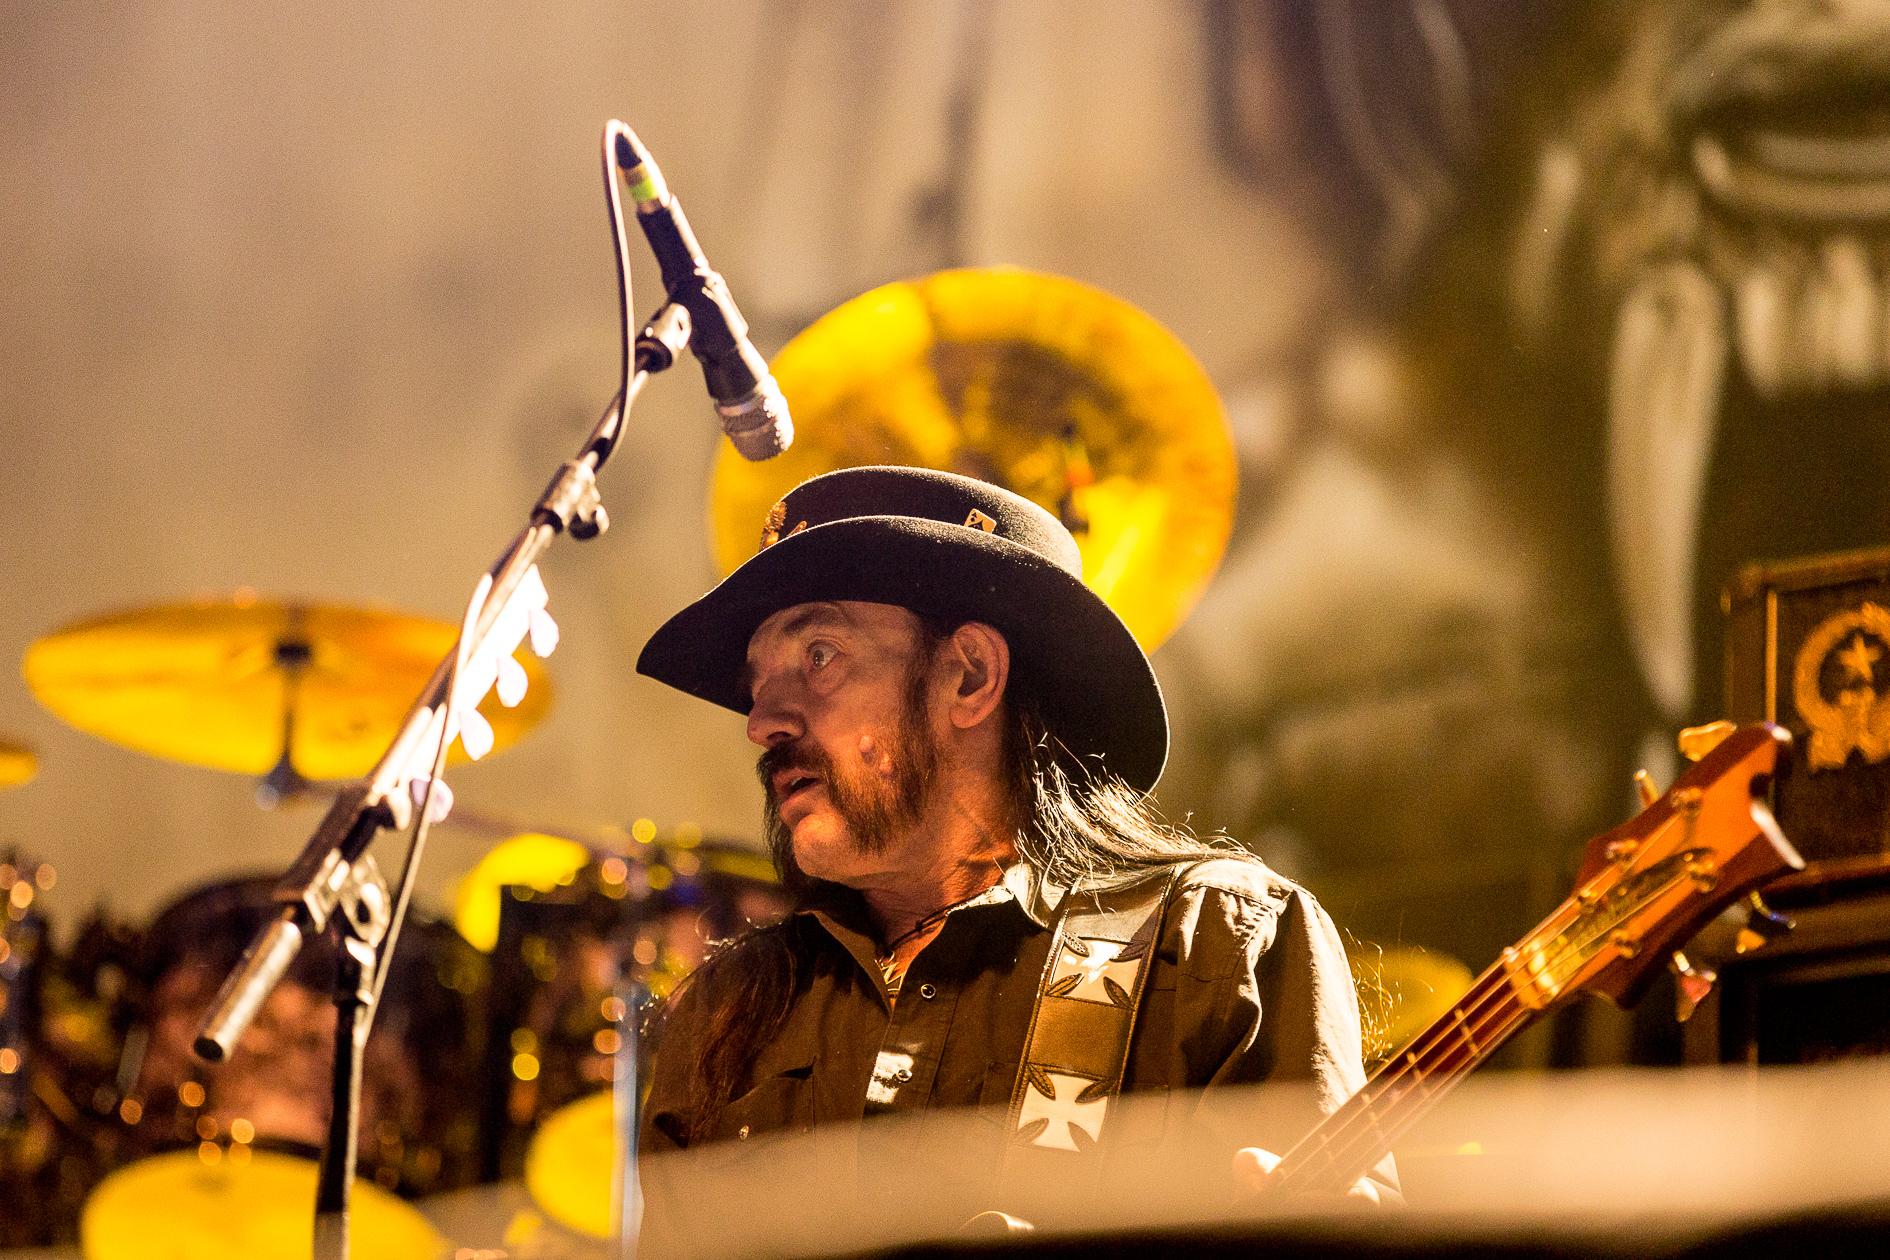 Lemmy Kilmister of Motörhead performing at day 3 of the Lokerse Feesten festival